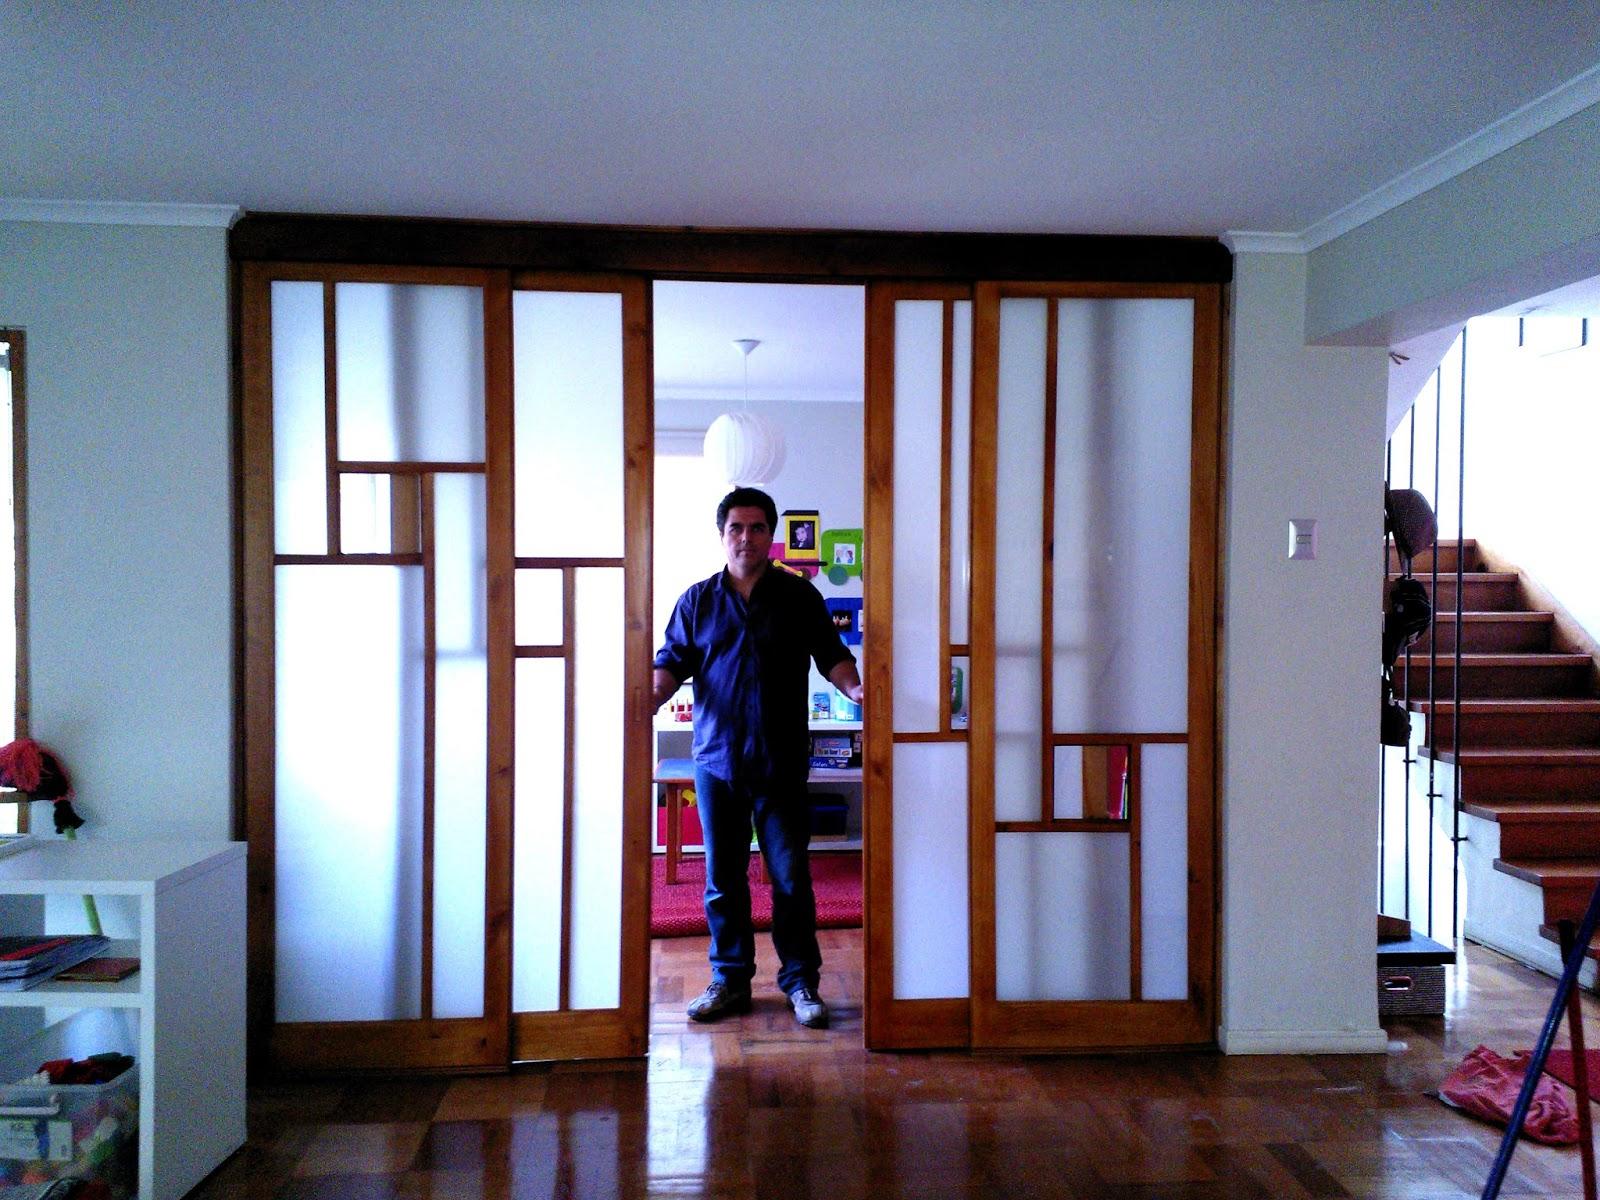 Puertas japonesas puertas correderas panels japonesas for Puertas japonesas deslizantes